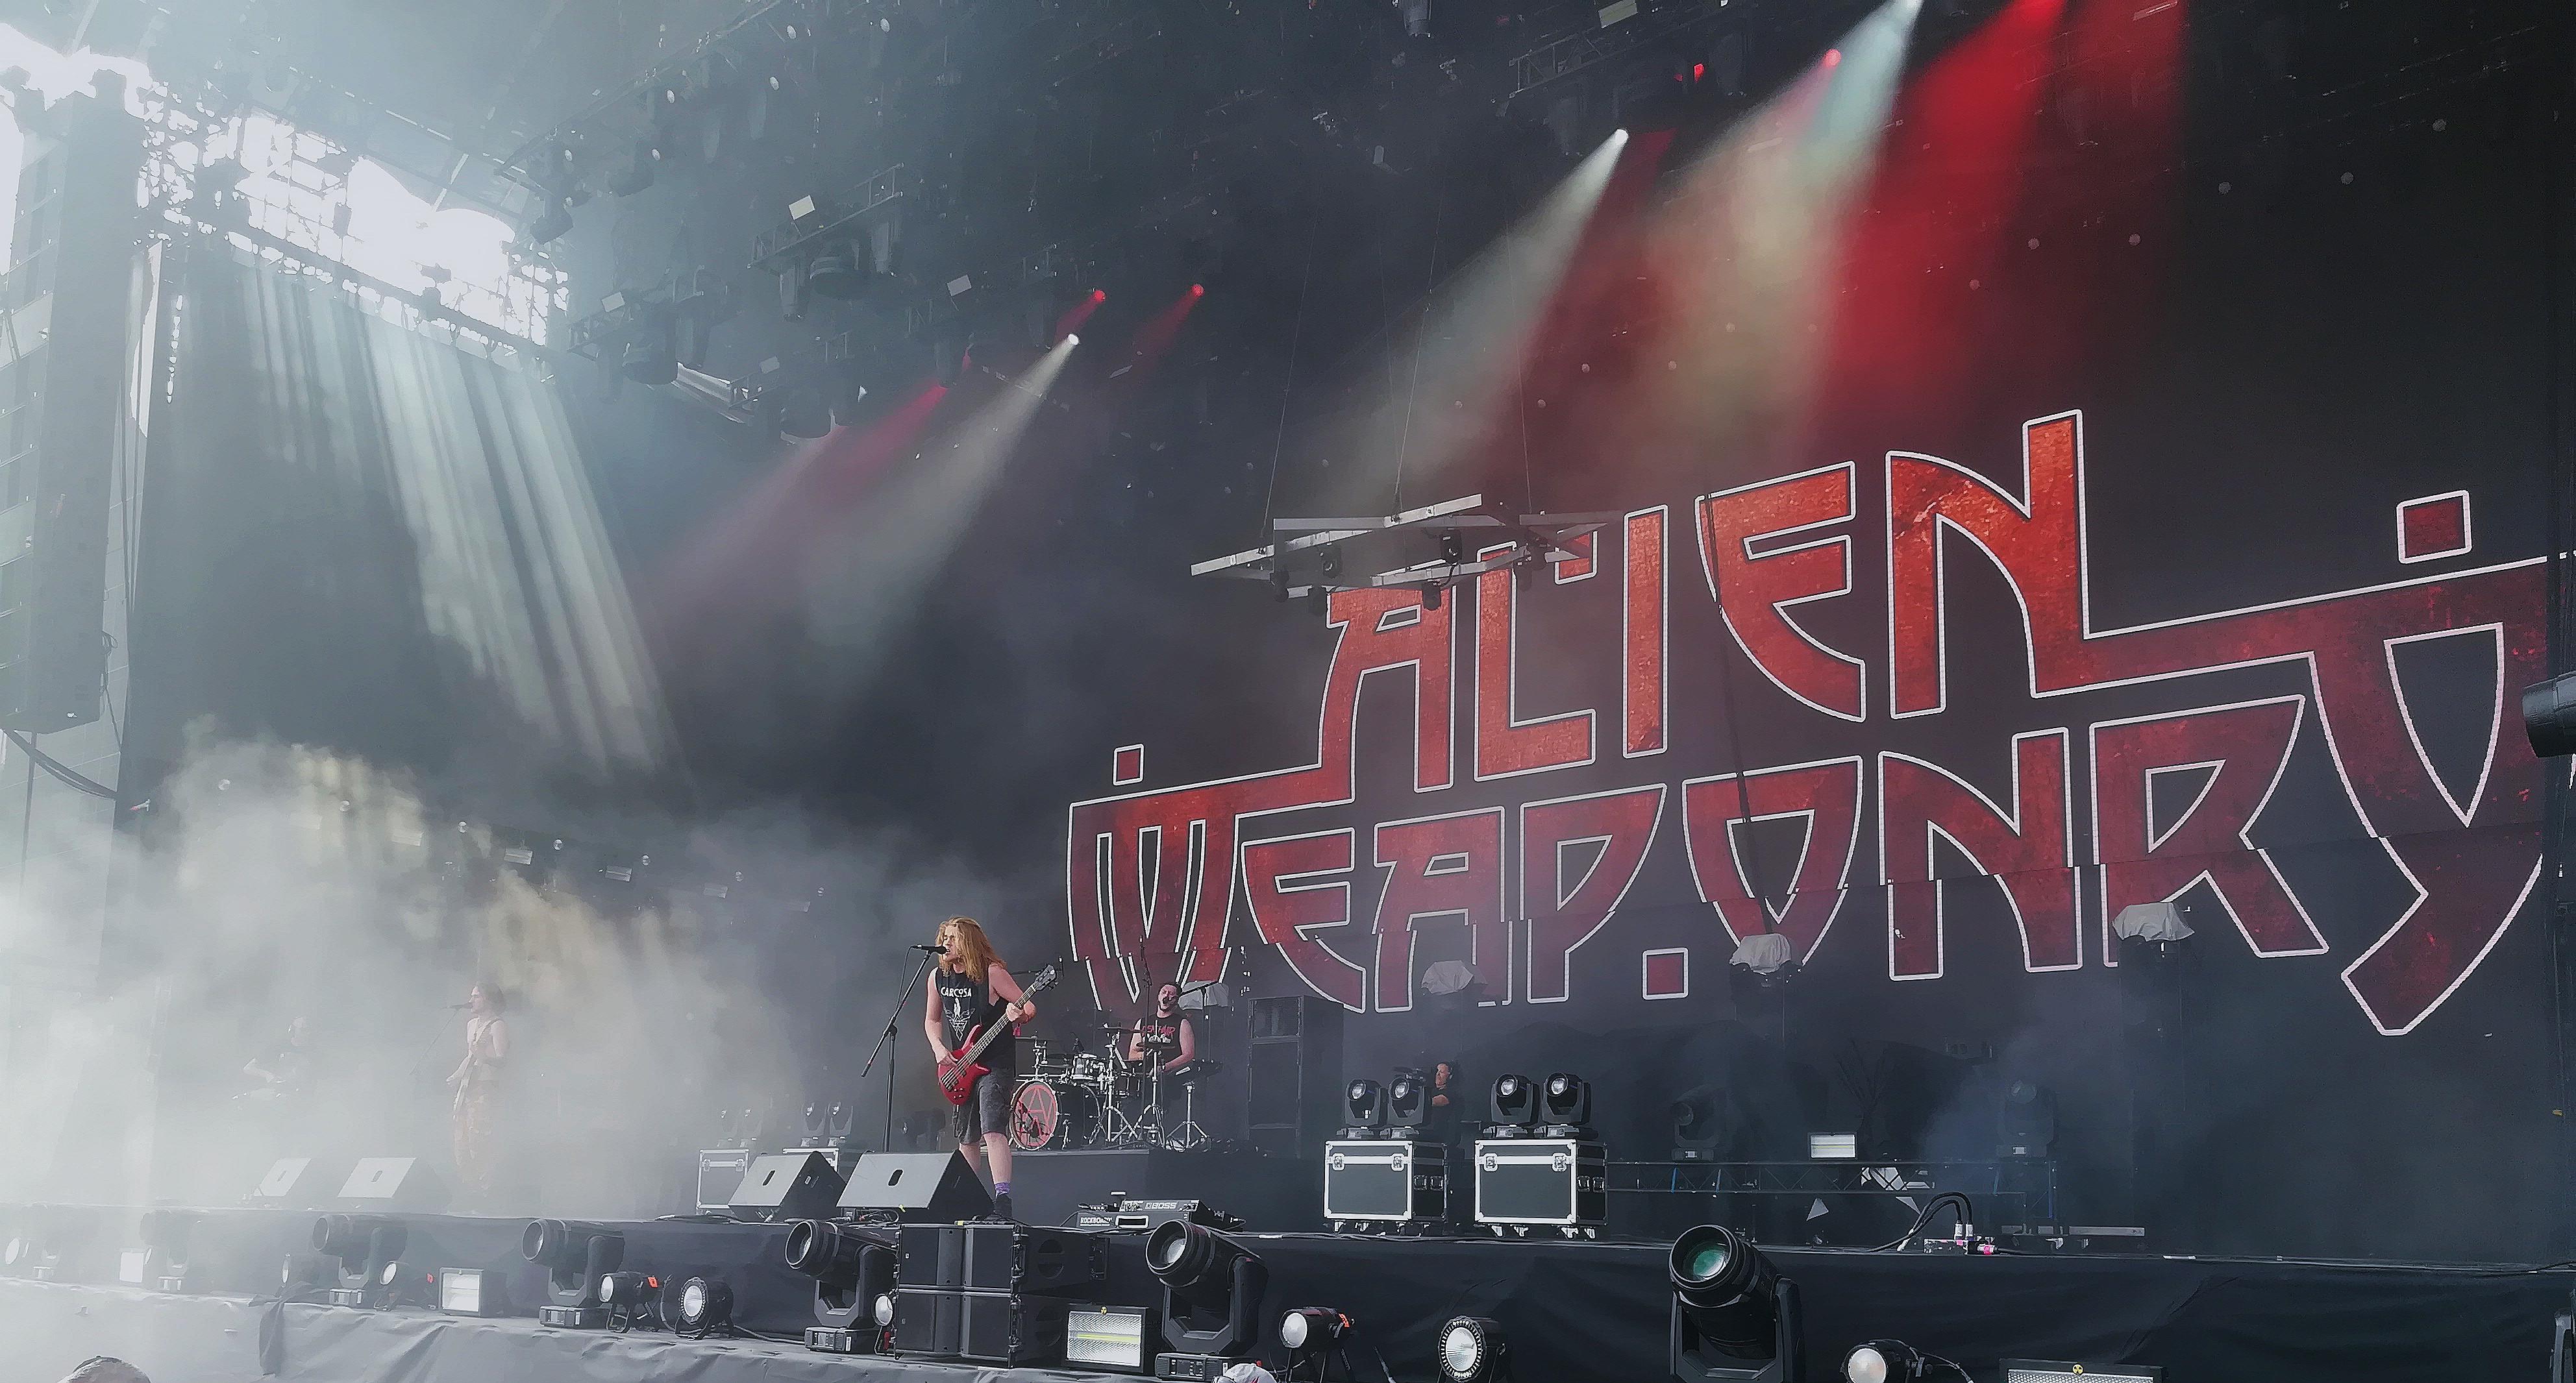 Alien-weaponry-hellfest-2019